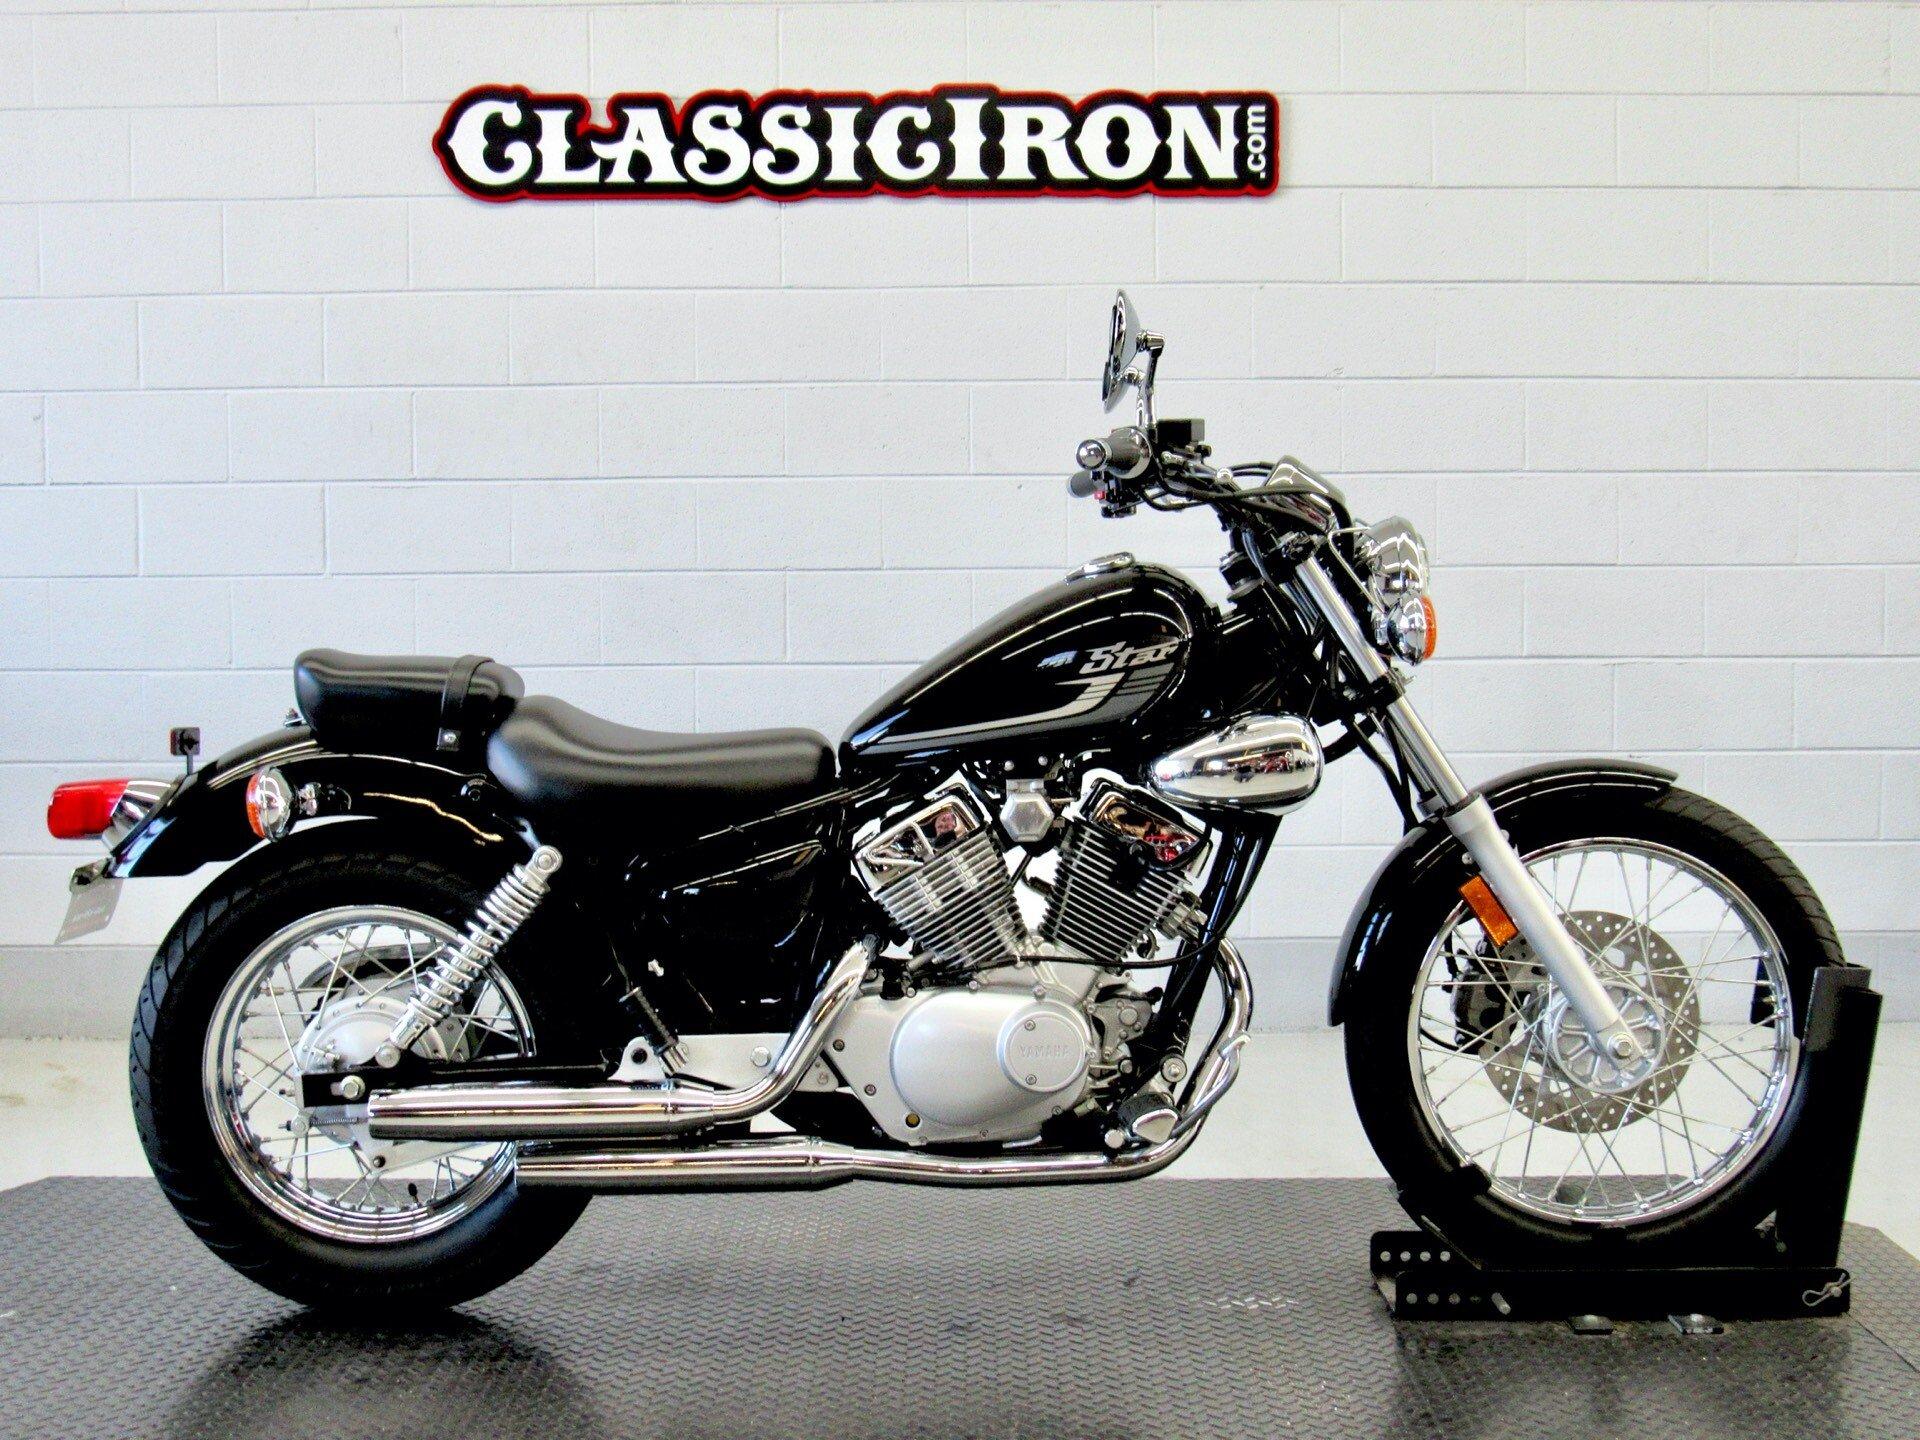 Motorcycle Dealers Near My Location >> 2018 Yamaha V Star 250 Motorcycles for Sale - Motorcycles on Autotrader